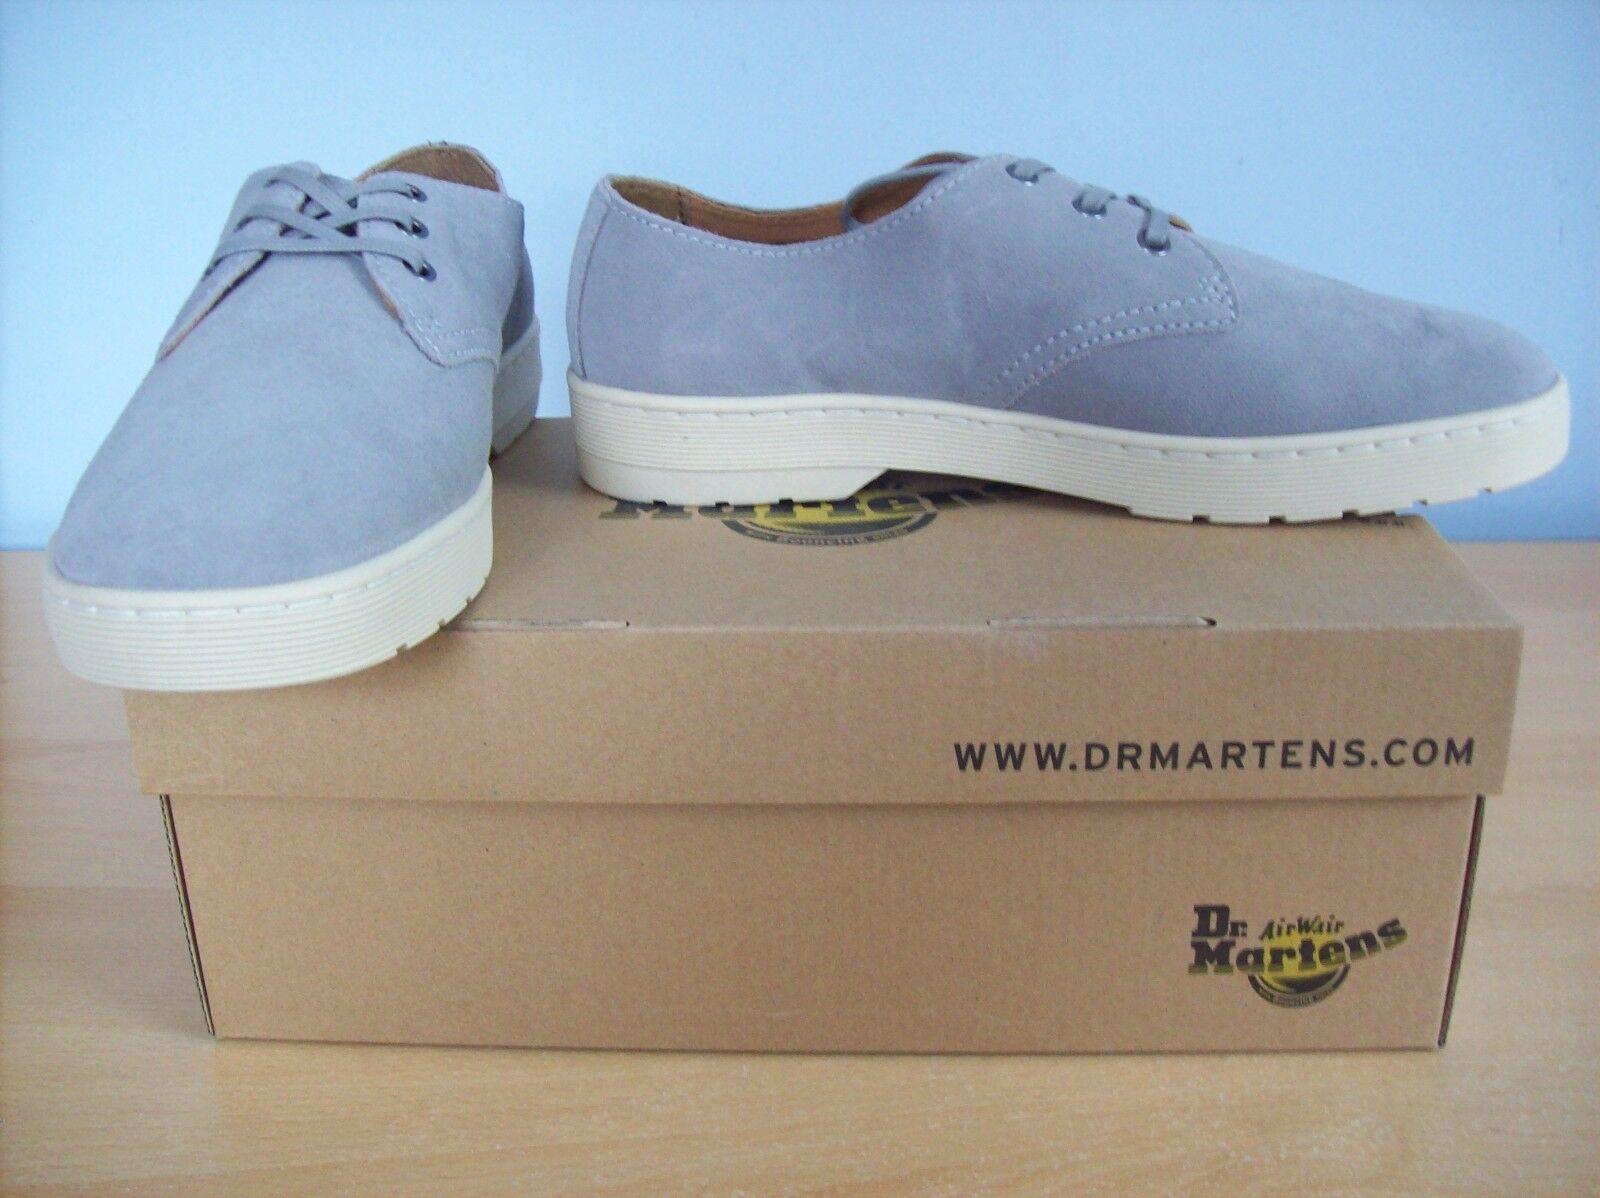 Scarpe Dr Derby Martens da Uomo Coronado Derby Dr Hi Suede Shoes Grigio Medio TG 9 Nuovo + in Scatola 5ae64b